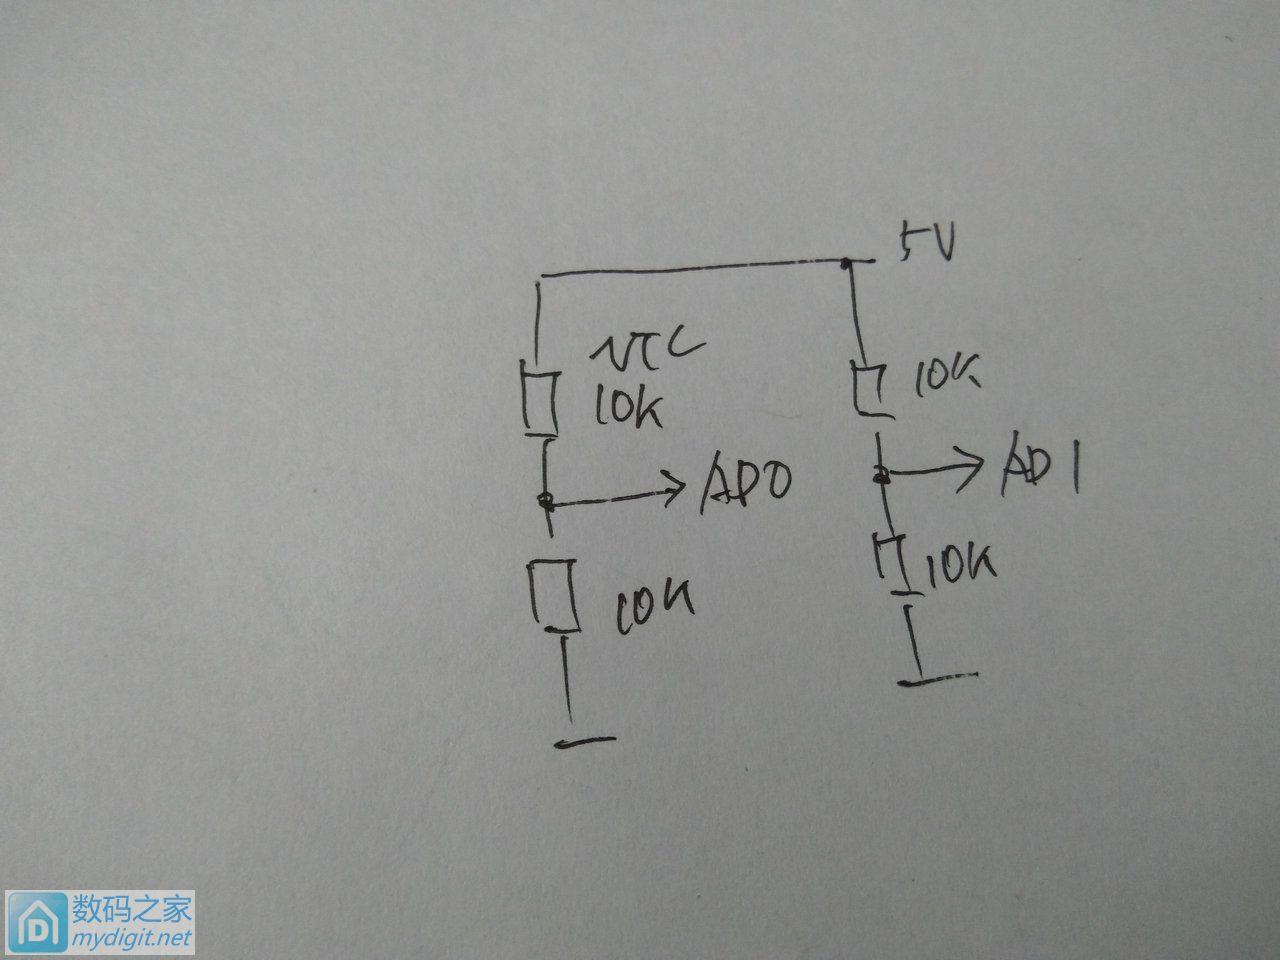 开水烫STC15W4K48S4,看看我的STC单片机是不是假的。(2-18 新增简易线性检测)